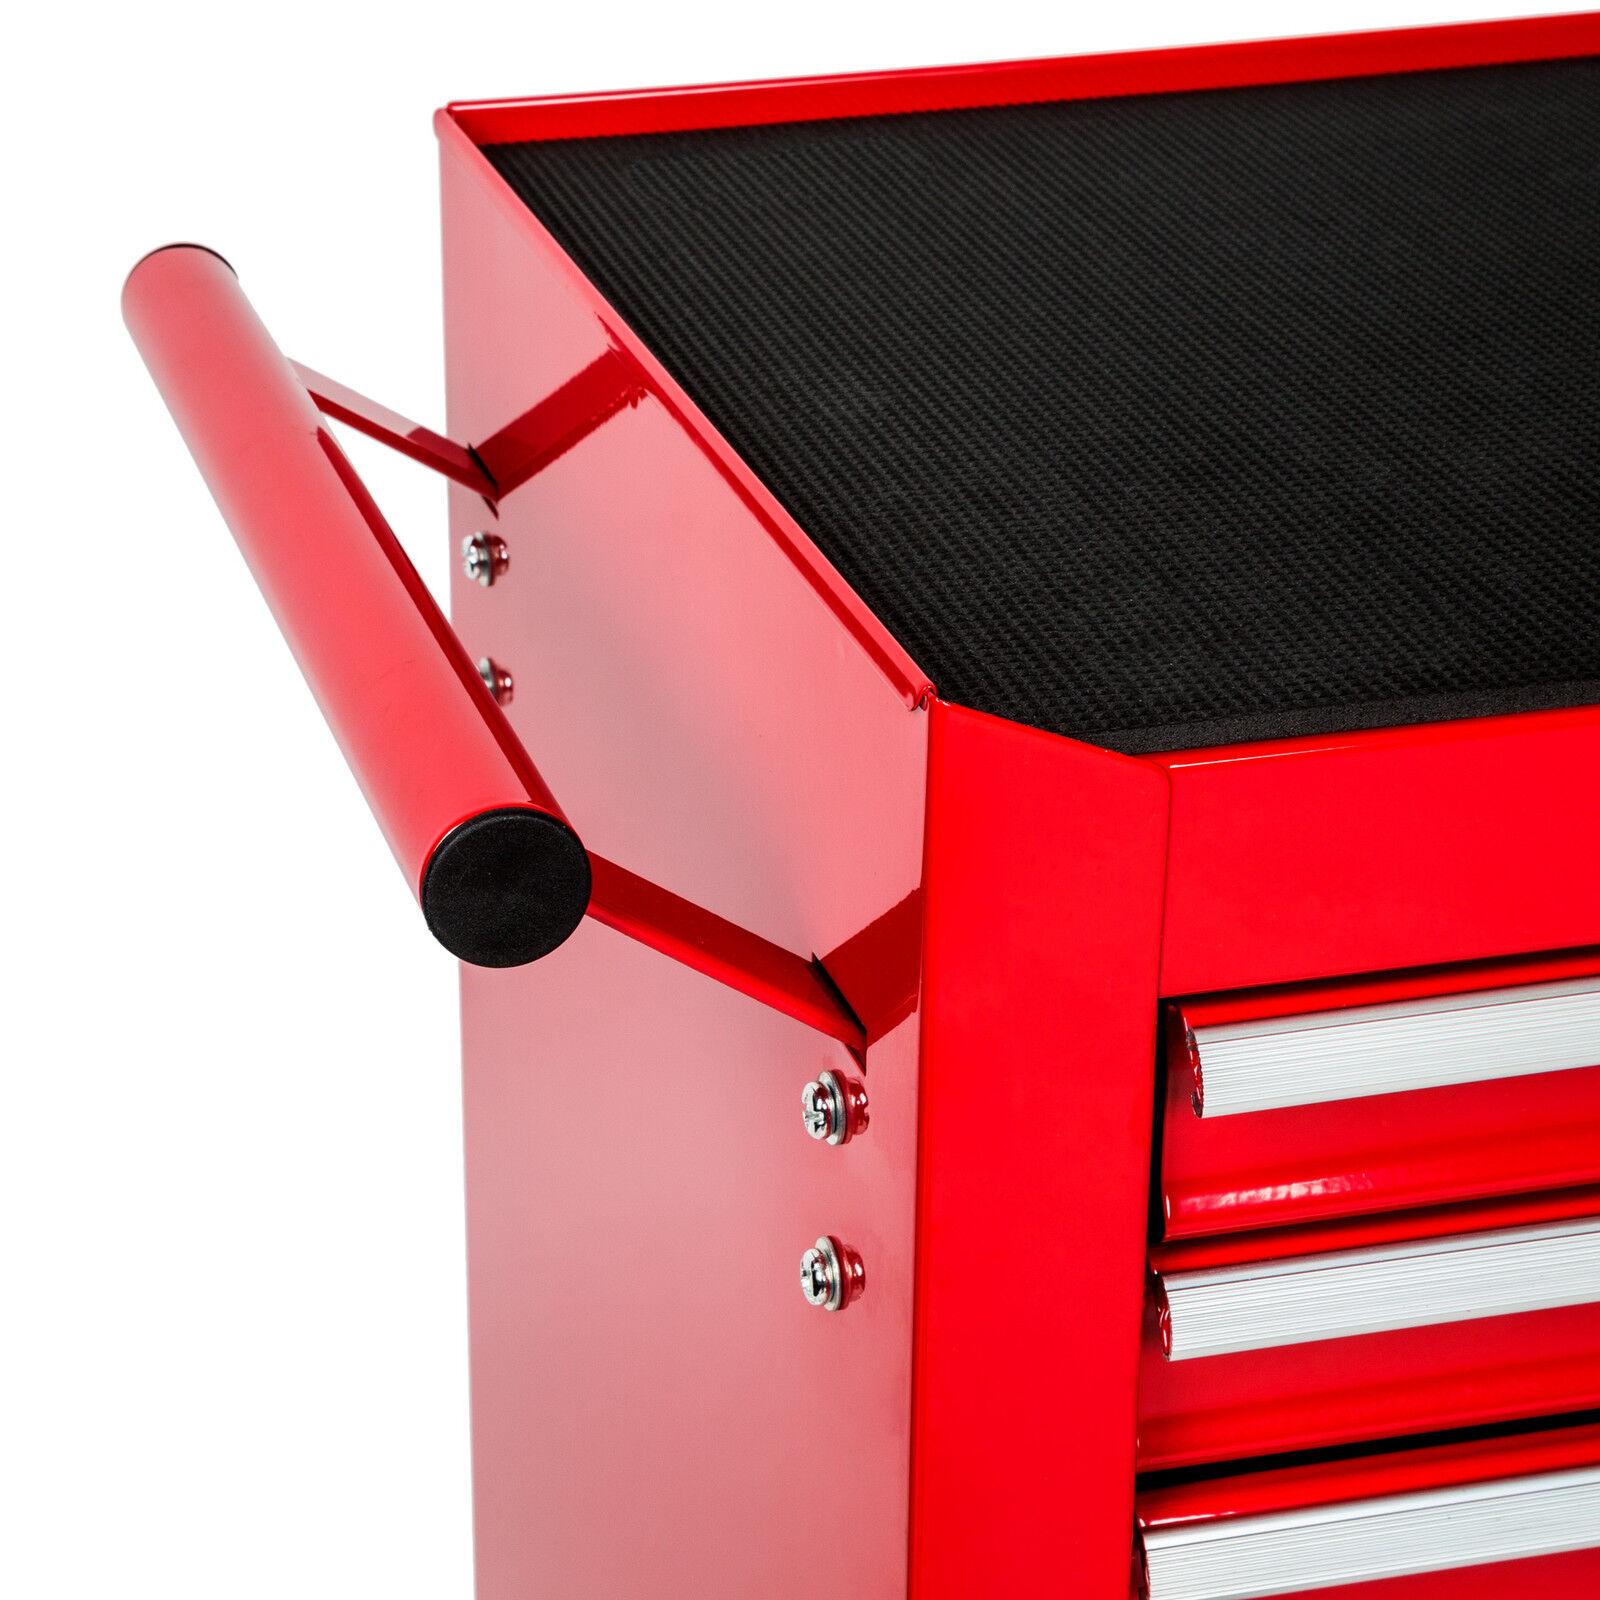 chariot d 39 atelier 7 tiroirs outils servante caisse roulettes rouge roulant eur 364 90. Black Bedroom Furniture Sets. Home Design Ideas